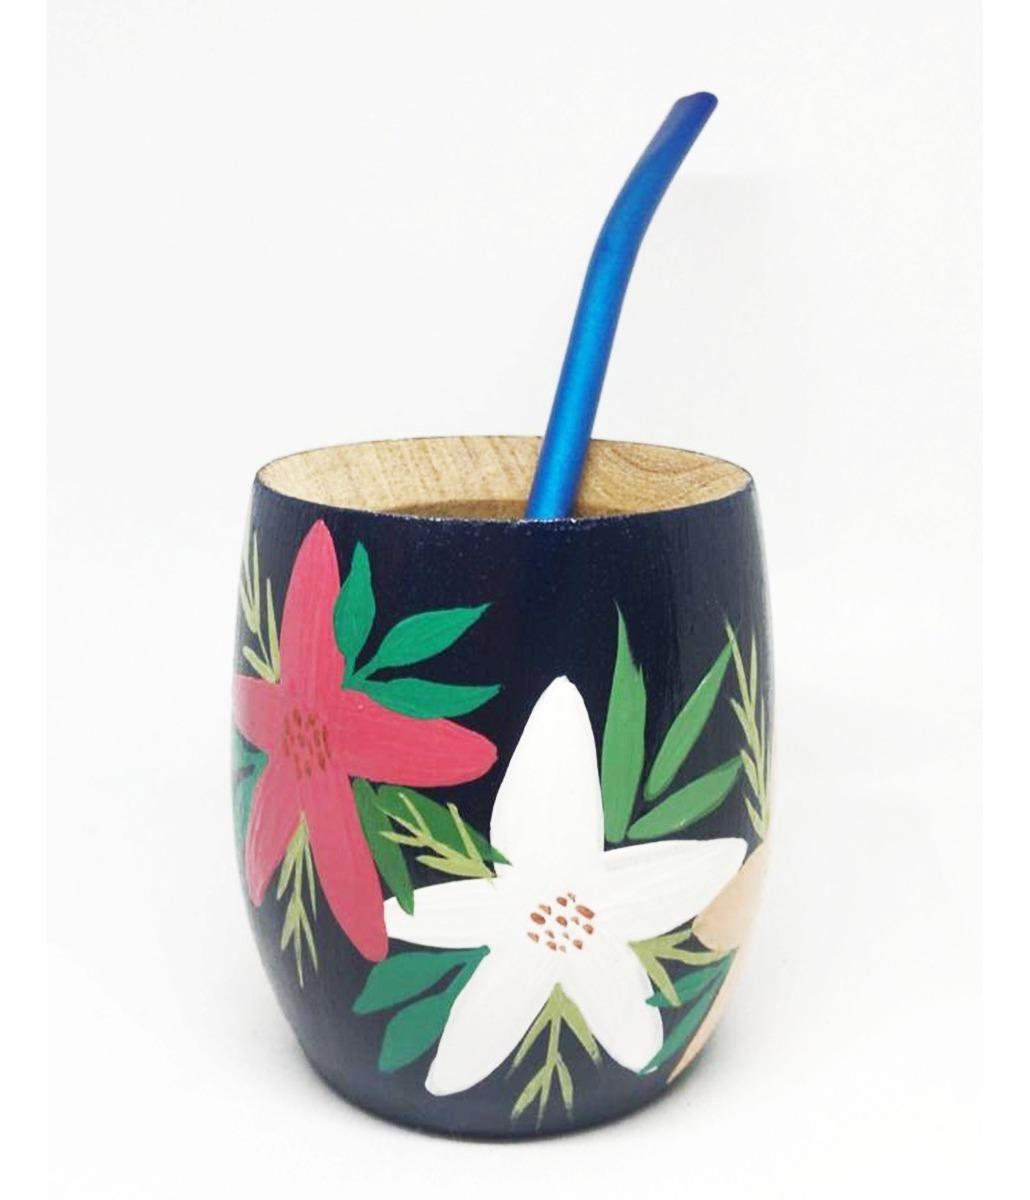 Mate De Madera Algarrobo Pintado Mano Con Bombilla Floral